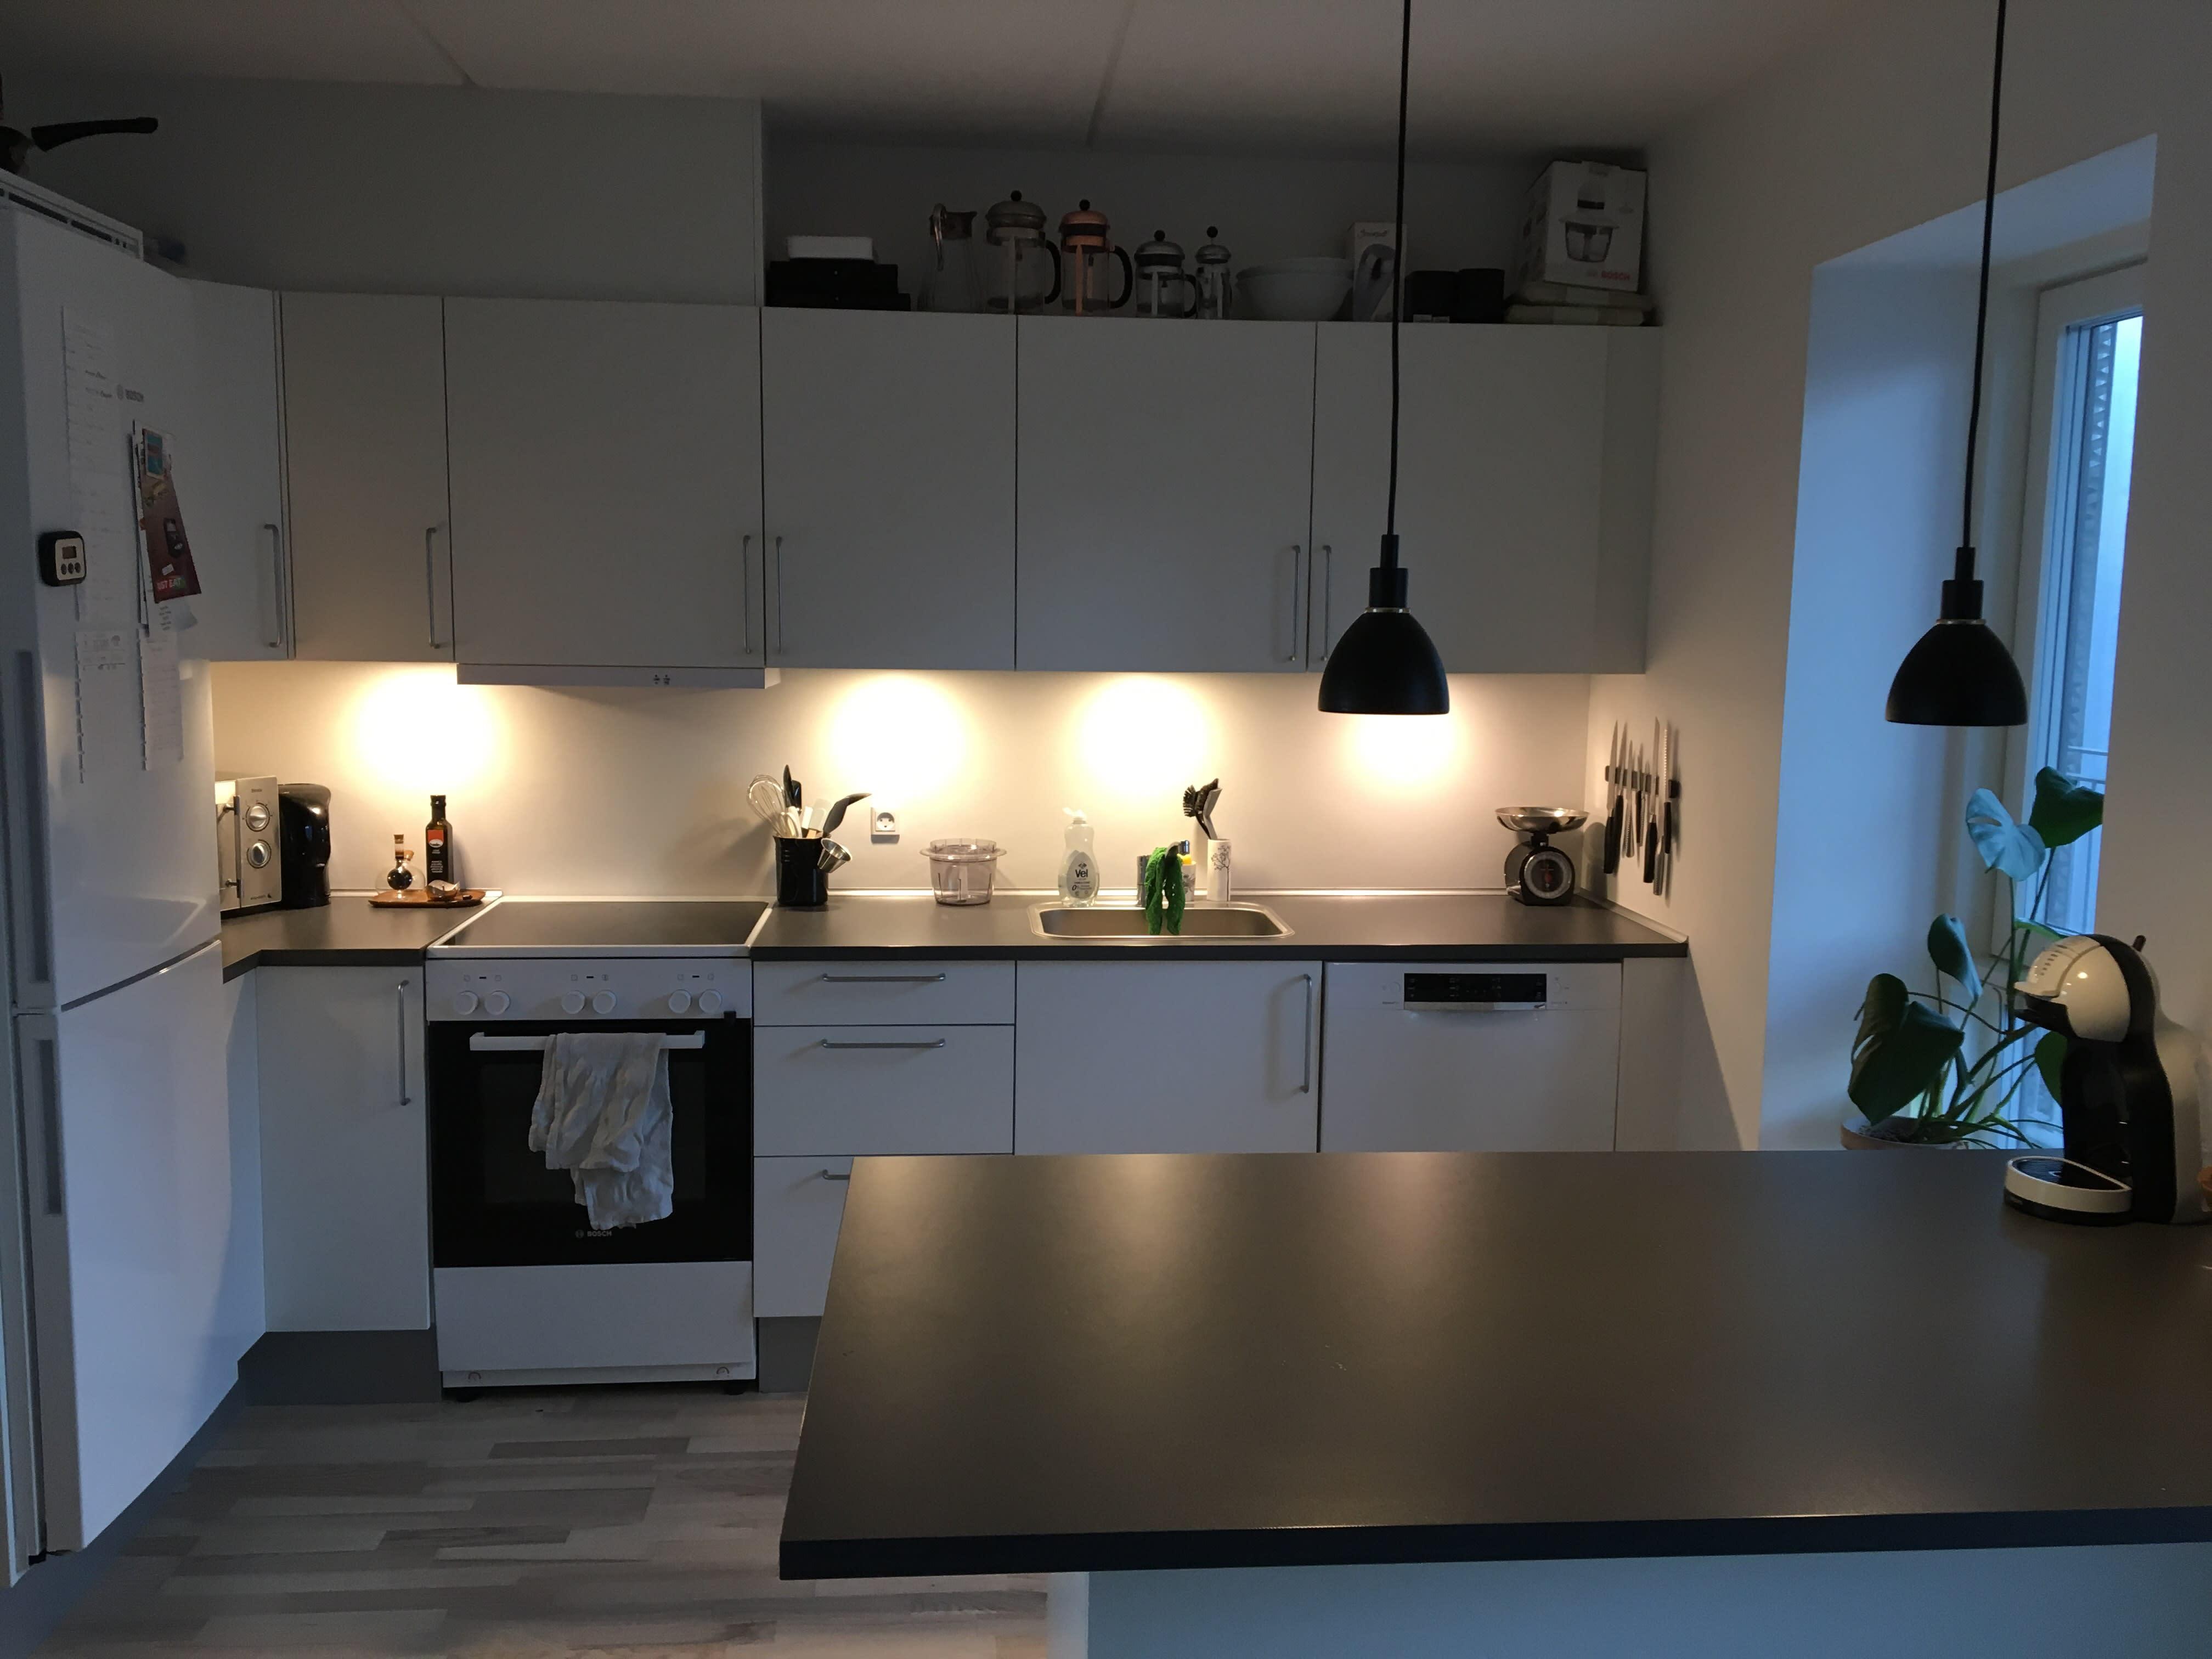 Roomie søges til 4-værelses lejlighed tæt på SDU i Odense